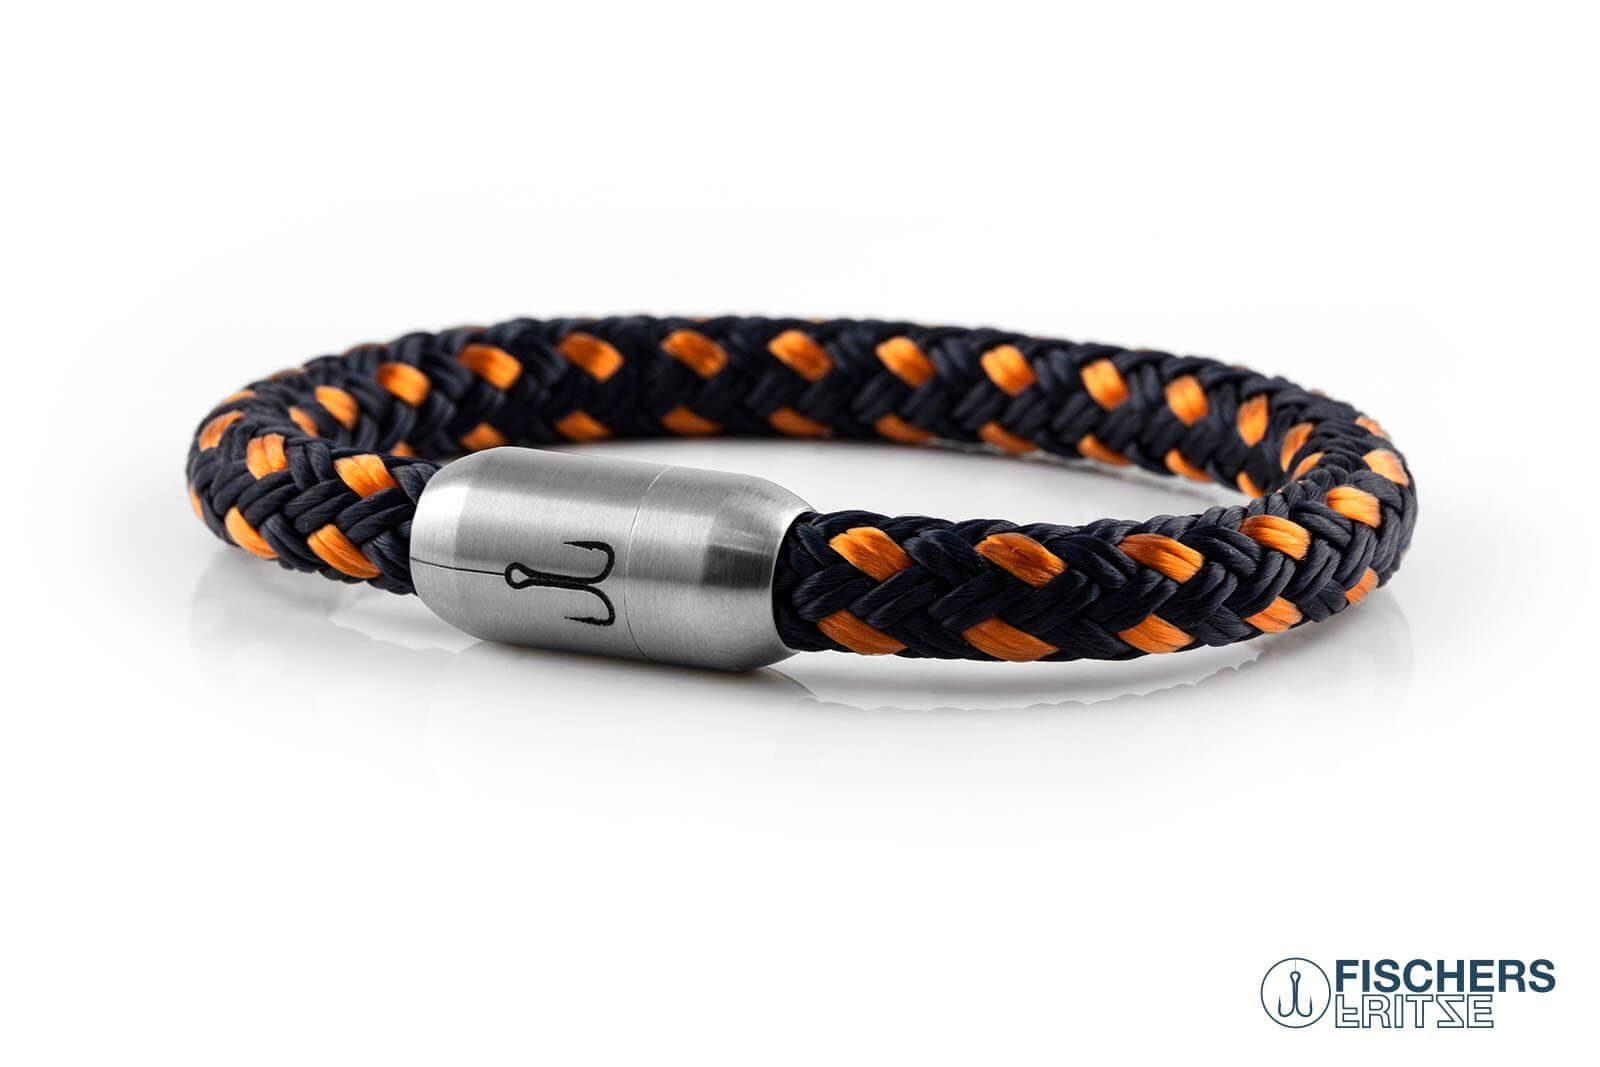 Geschlossenes Segeltau-Armband von Fischers Fritze, Makrele marineblau orange, Gravur auf silbernem Edelstahl-Magnetverschluss